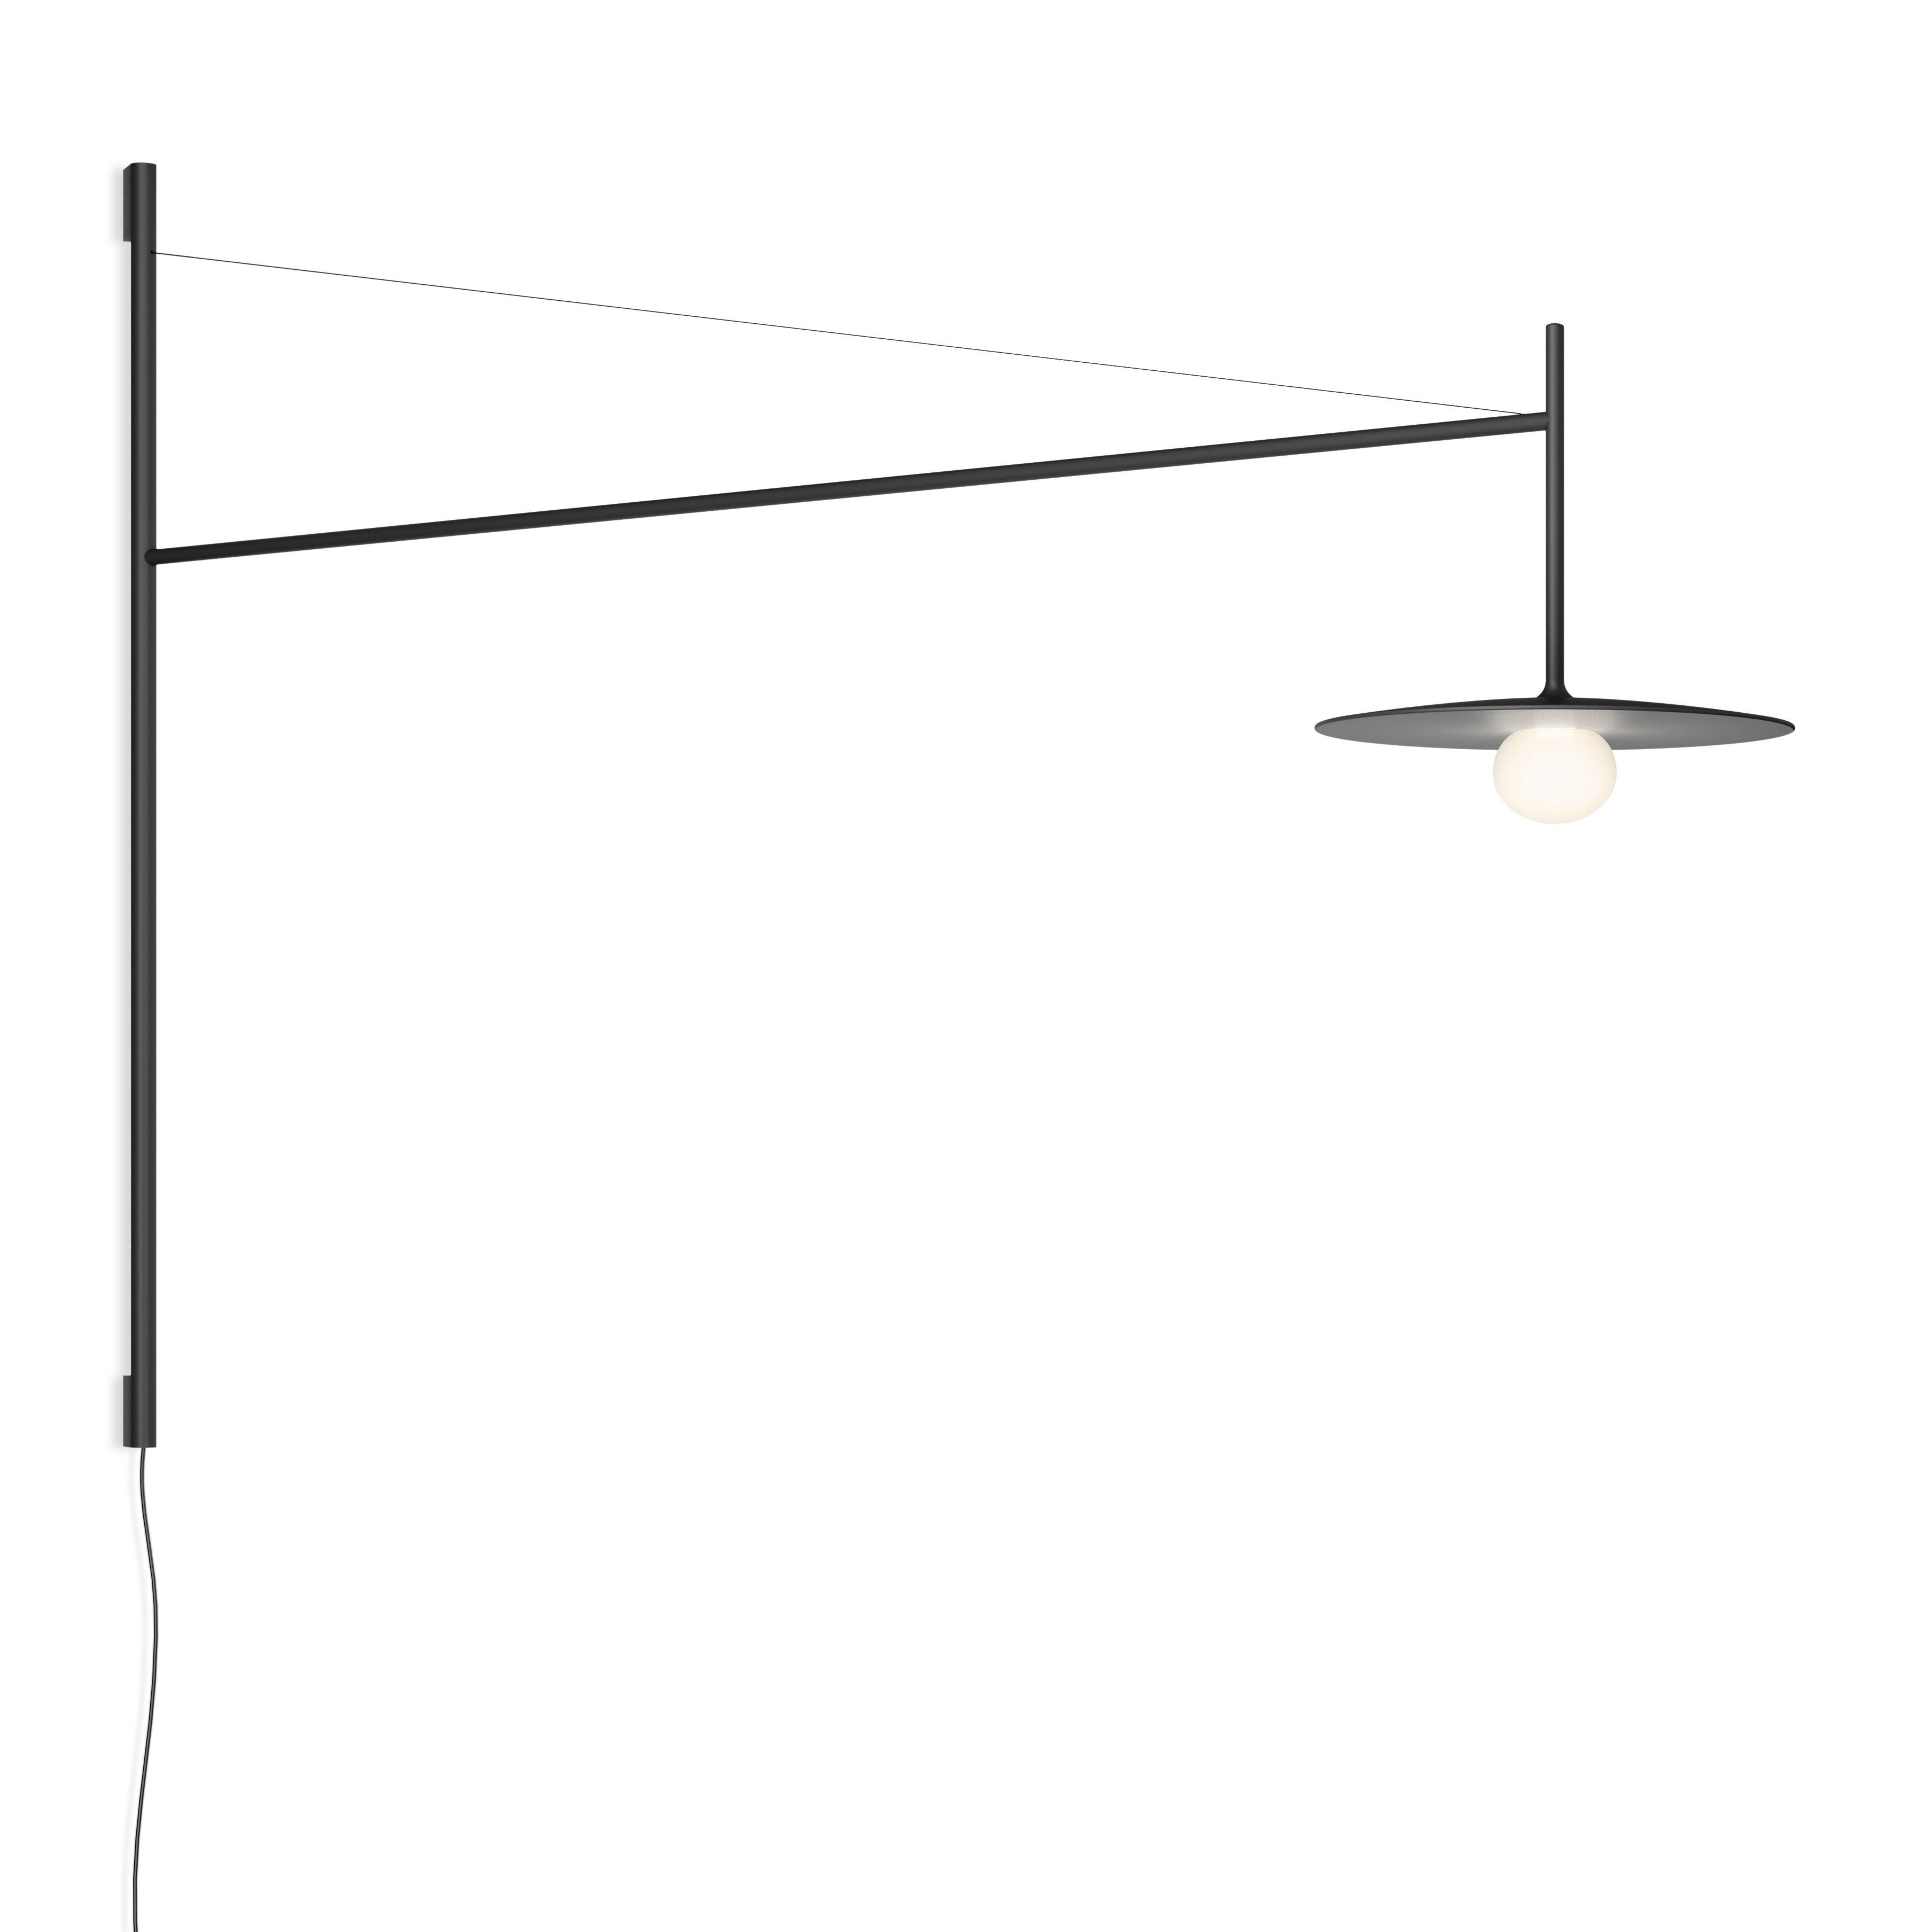 Luminaire - Appliques - Applique avec prise Tempo Disque / LED - Bras pivotant L 122 cm - Vibia - Disque / Gris graphite - Acier laqué, Aluminium laqué, Verre soufflé